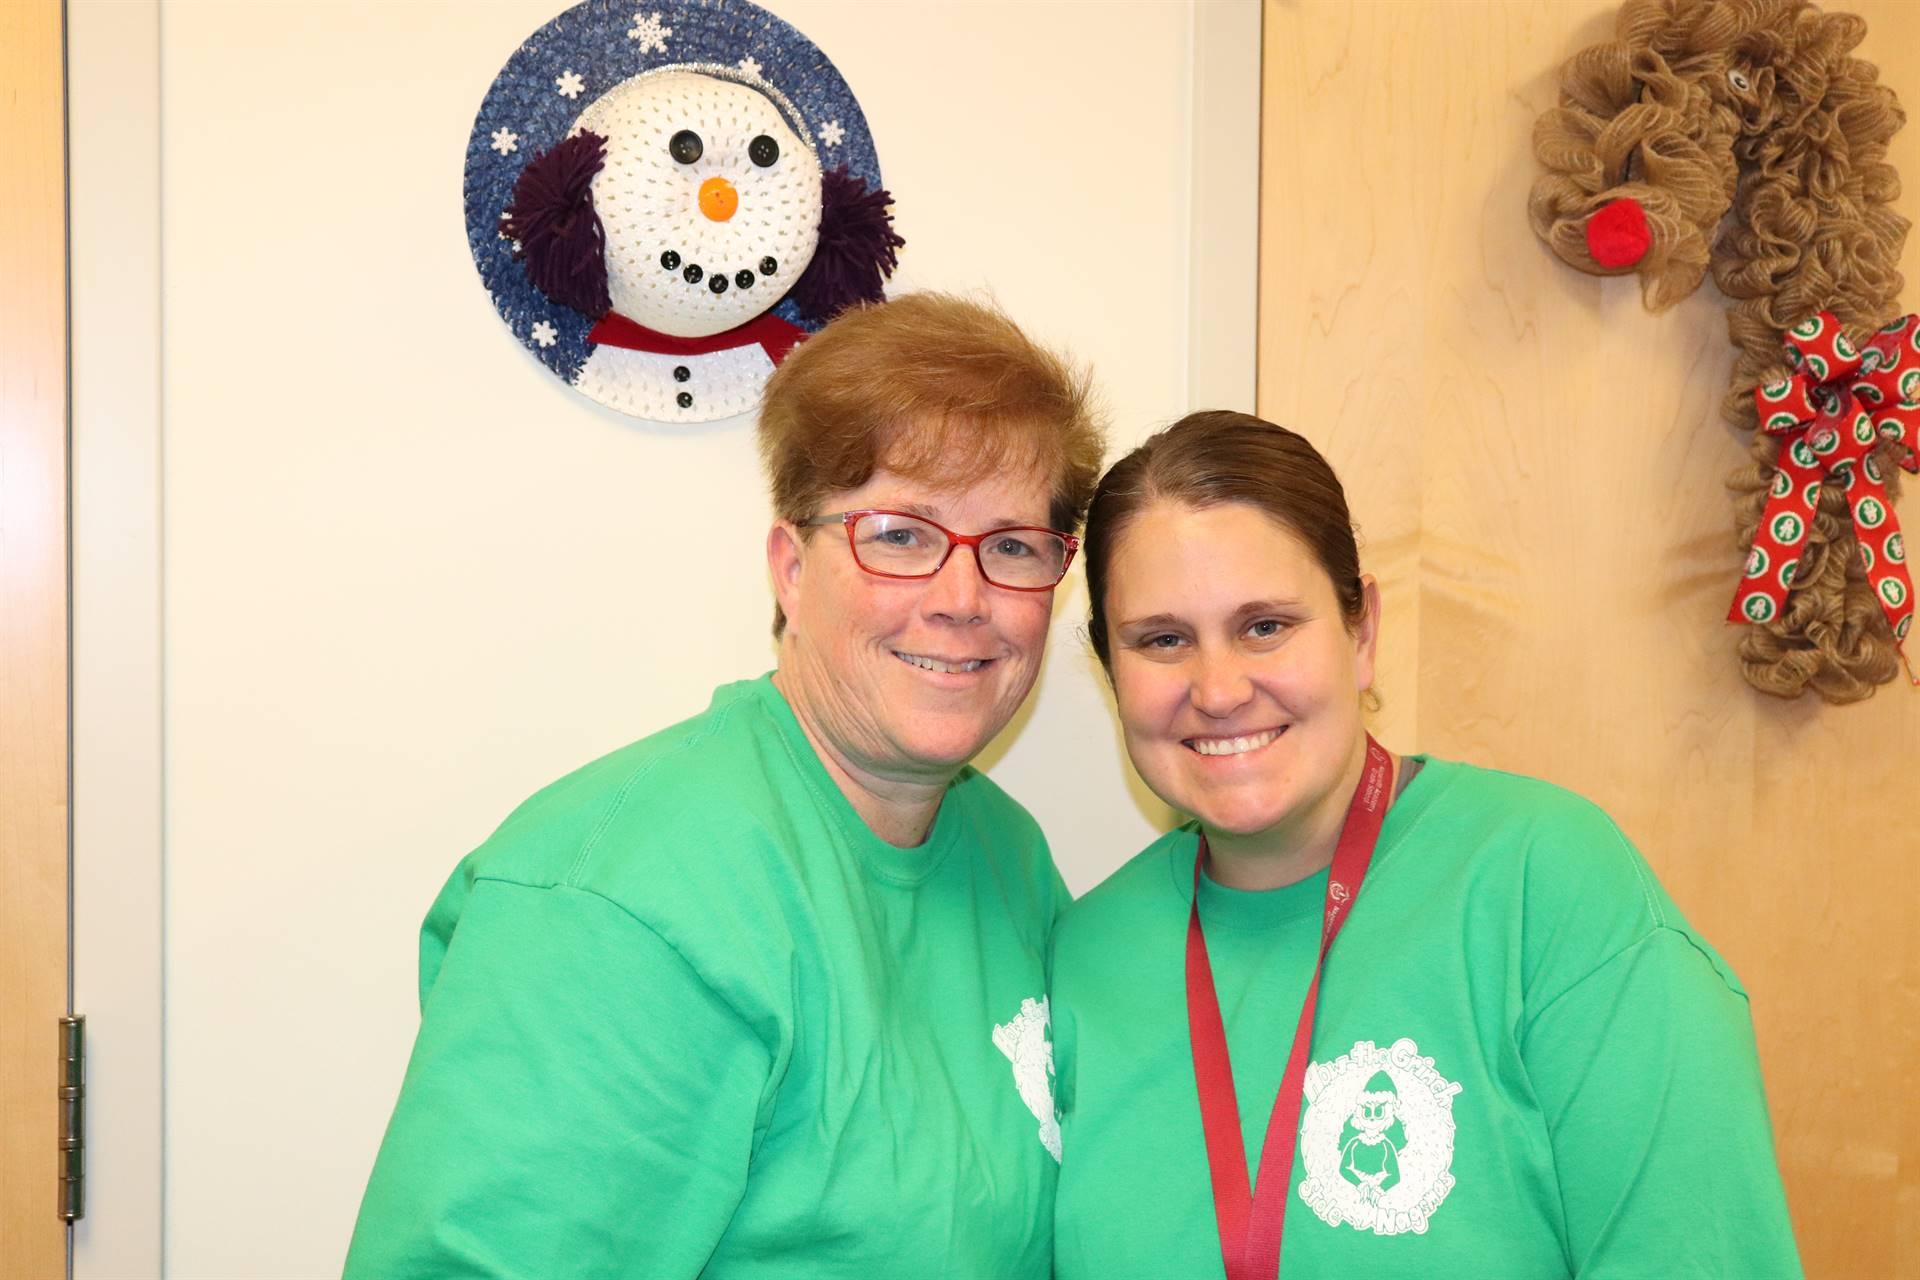 Teachers at Christmas